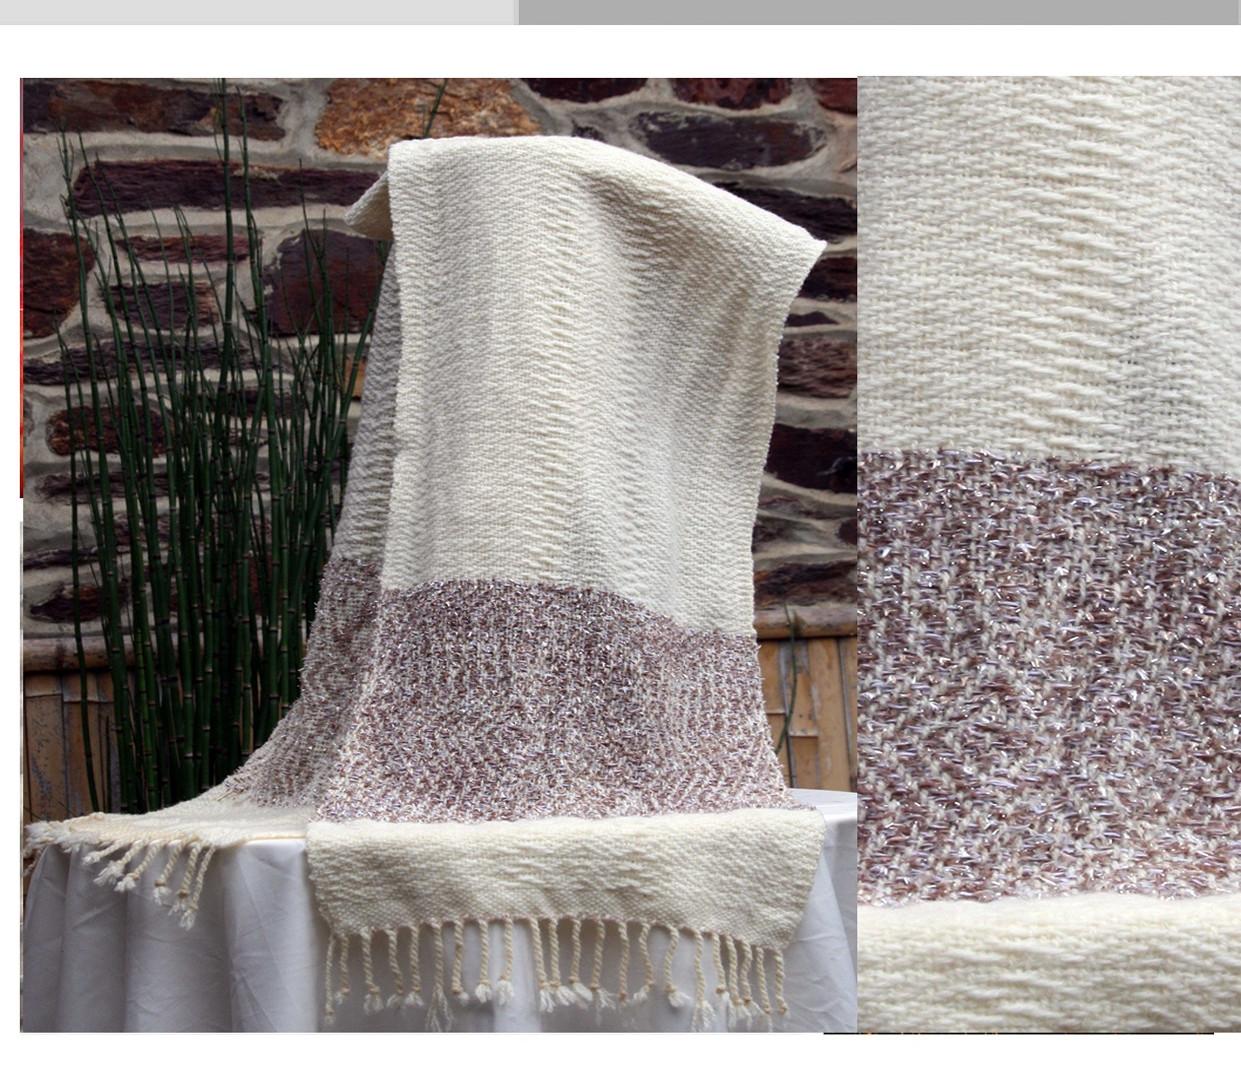 écharpe laine naturelle et fantaisie bri